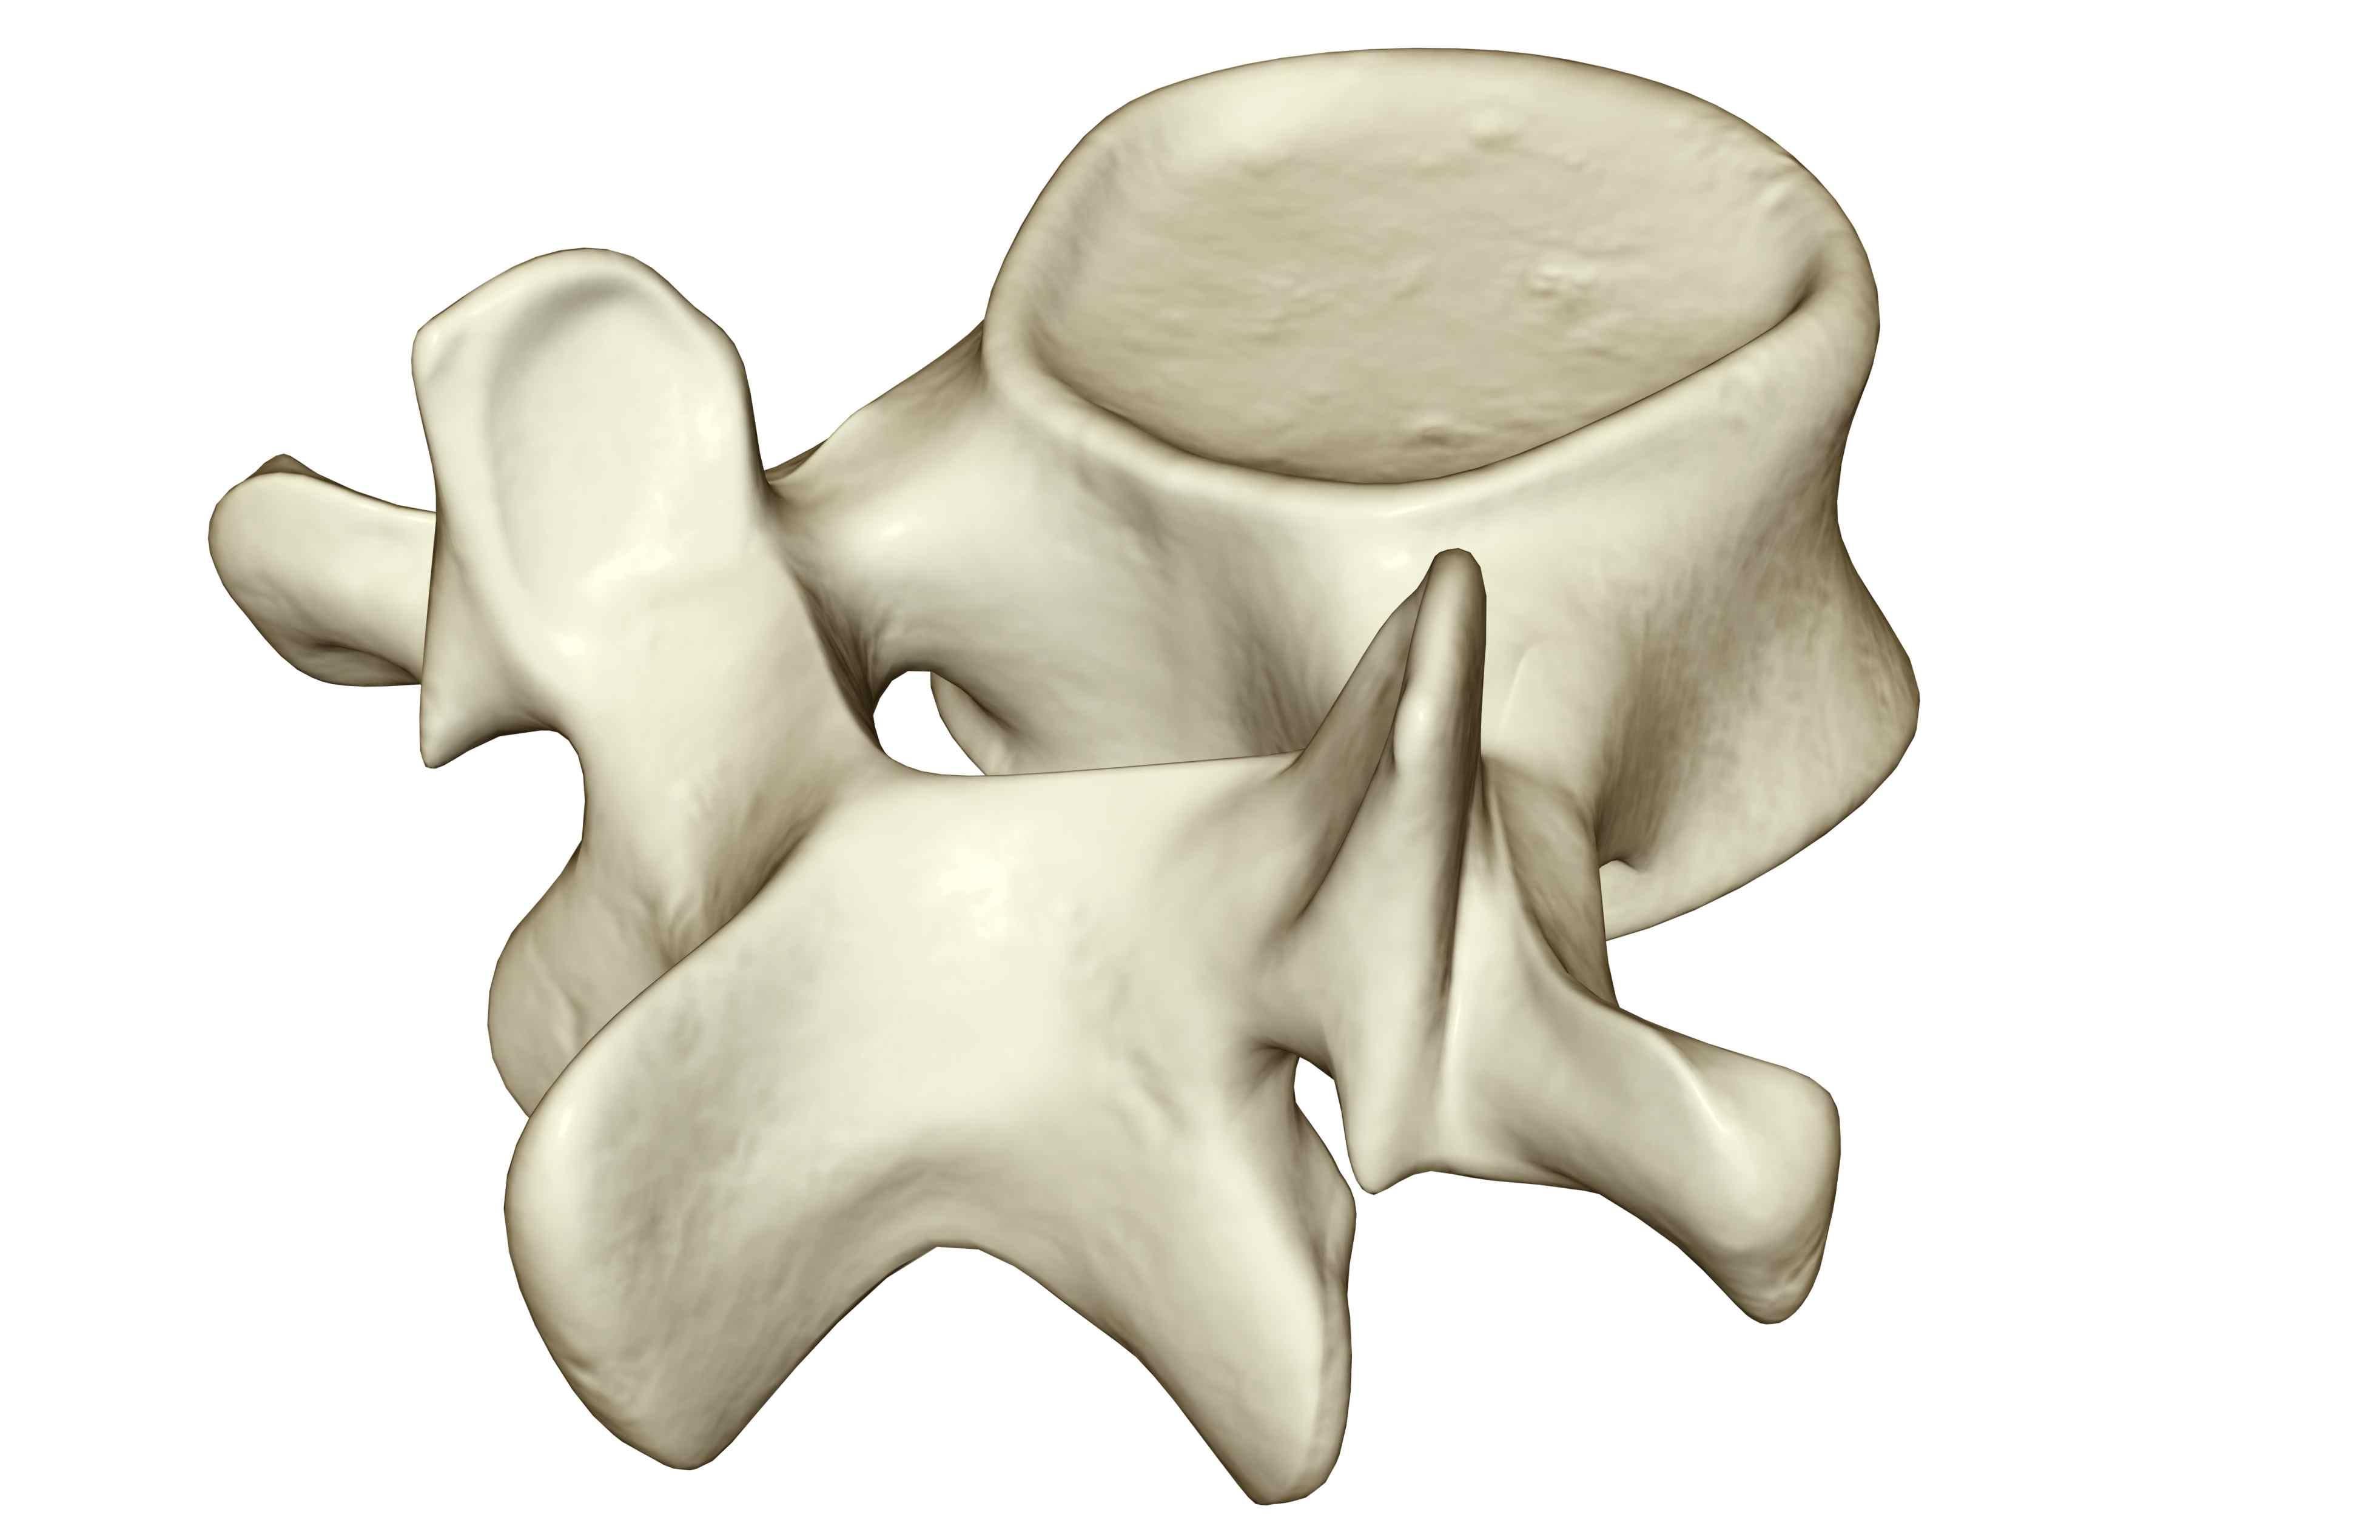 Vertebra or spinal bone